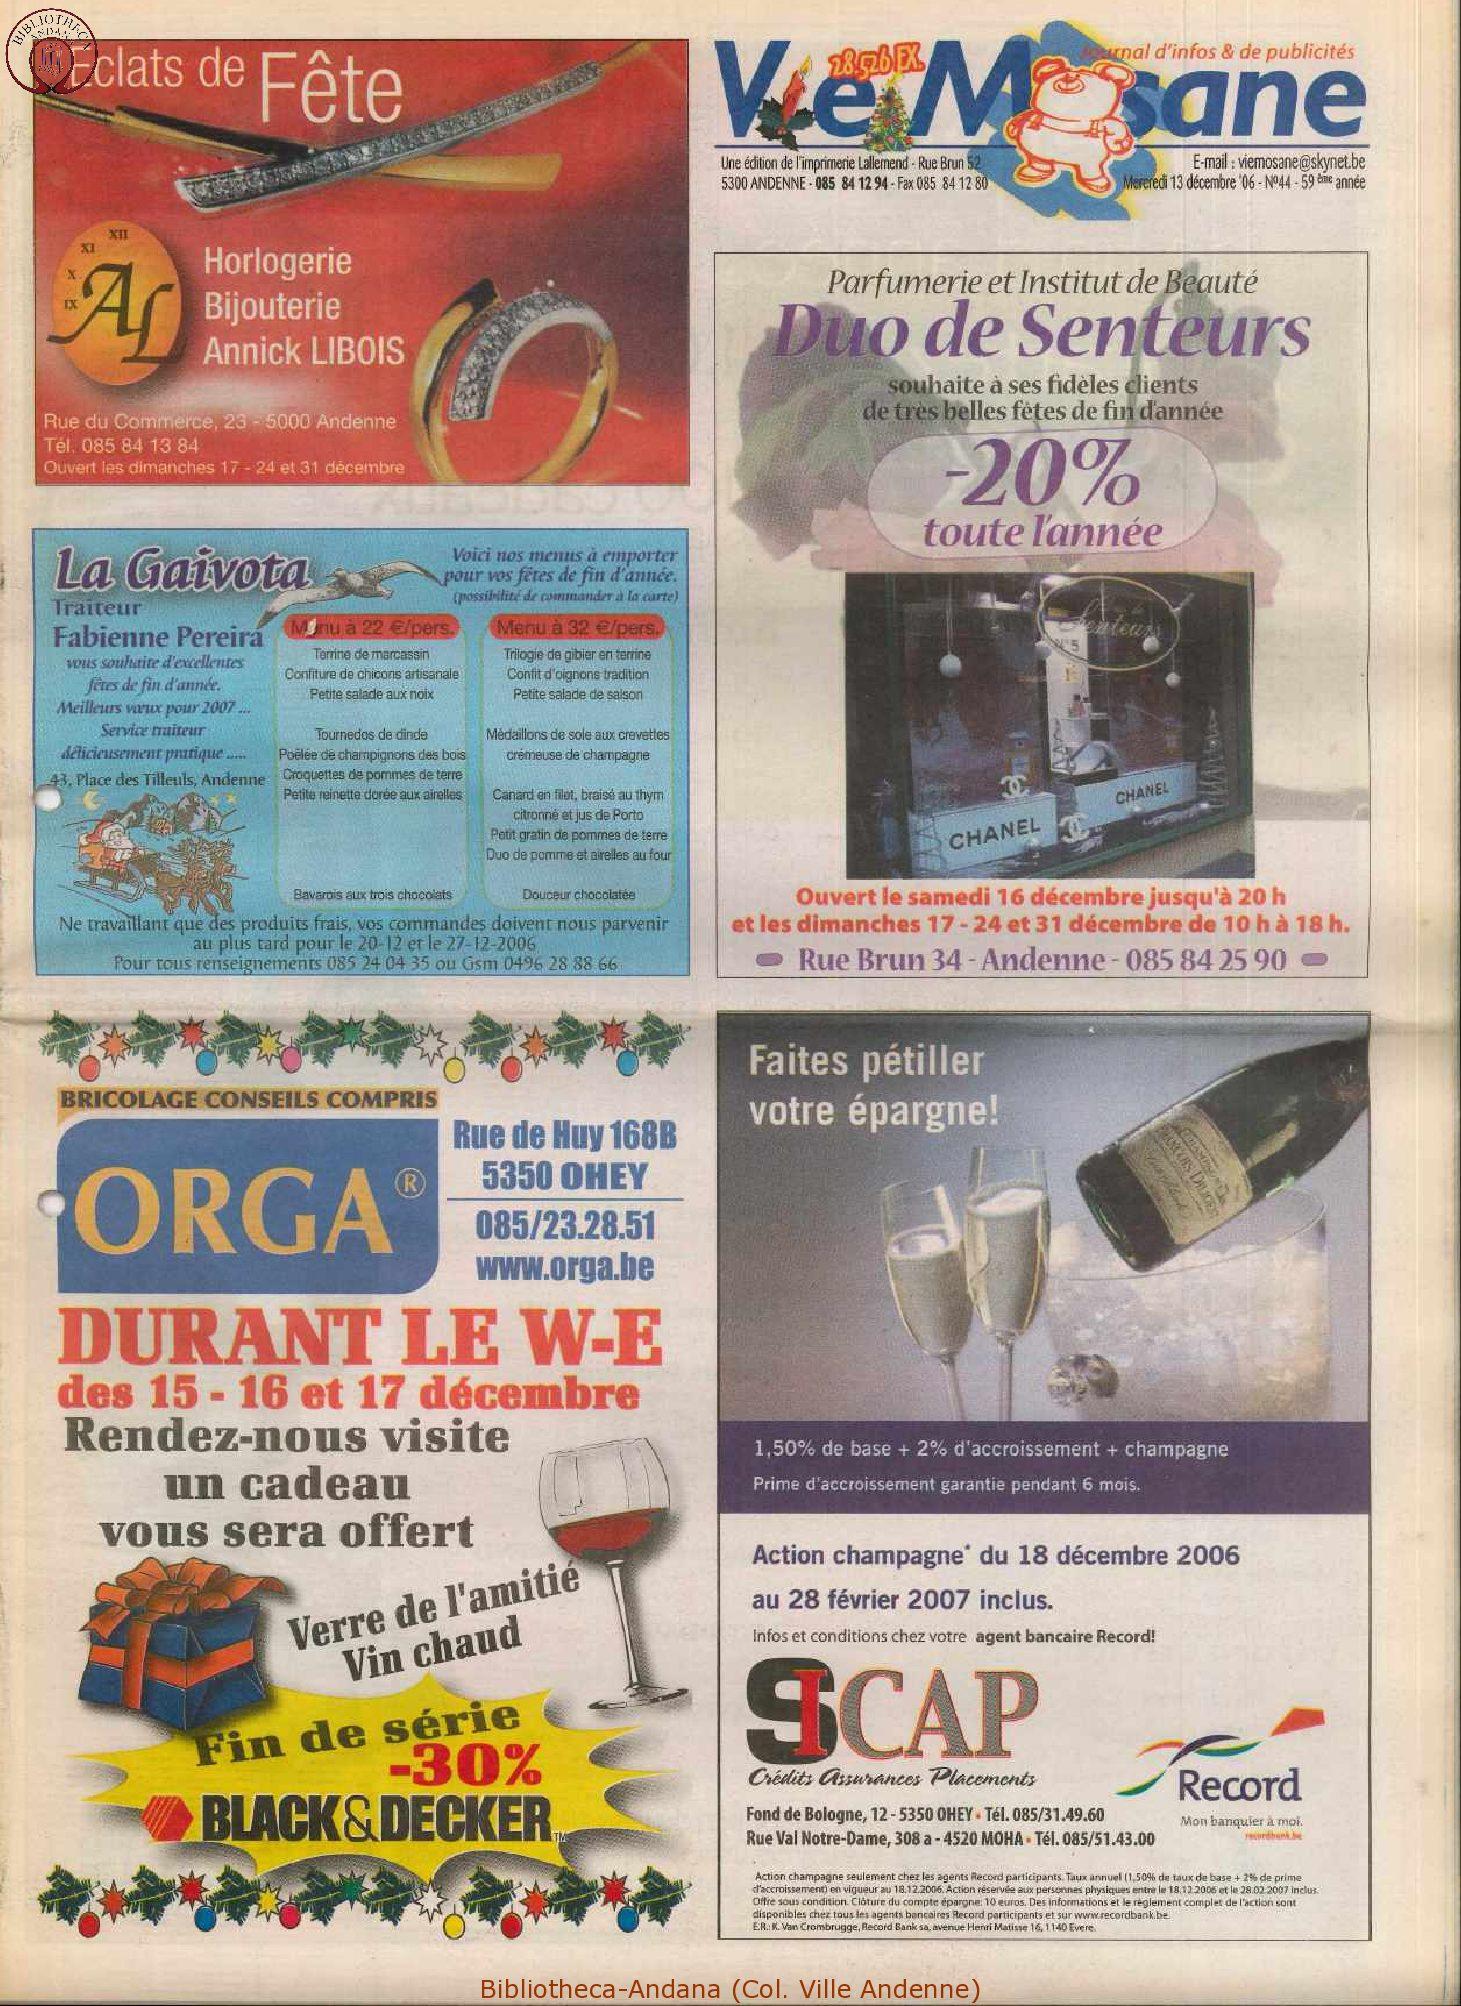 59e année - n°44 - 13 décembre 2006